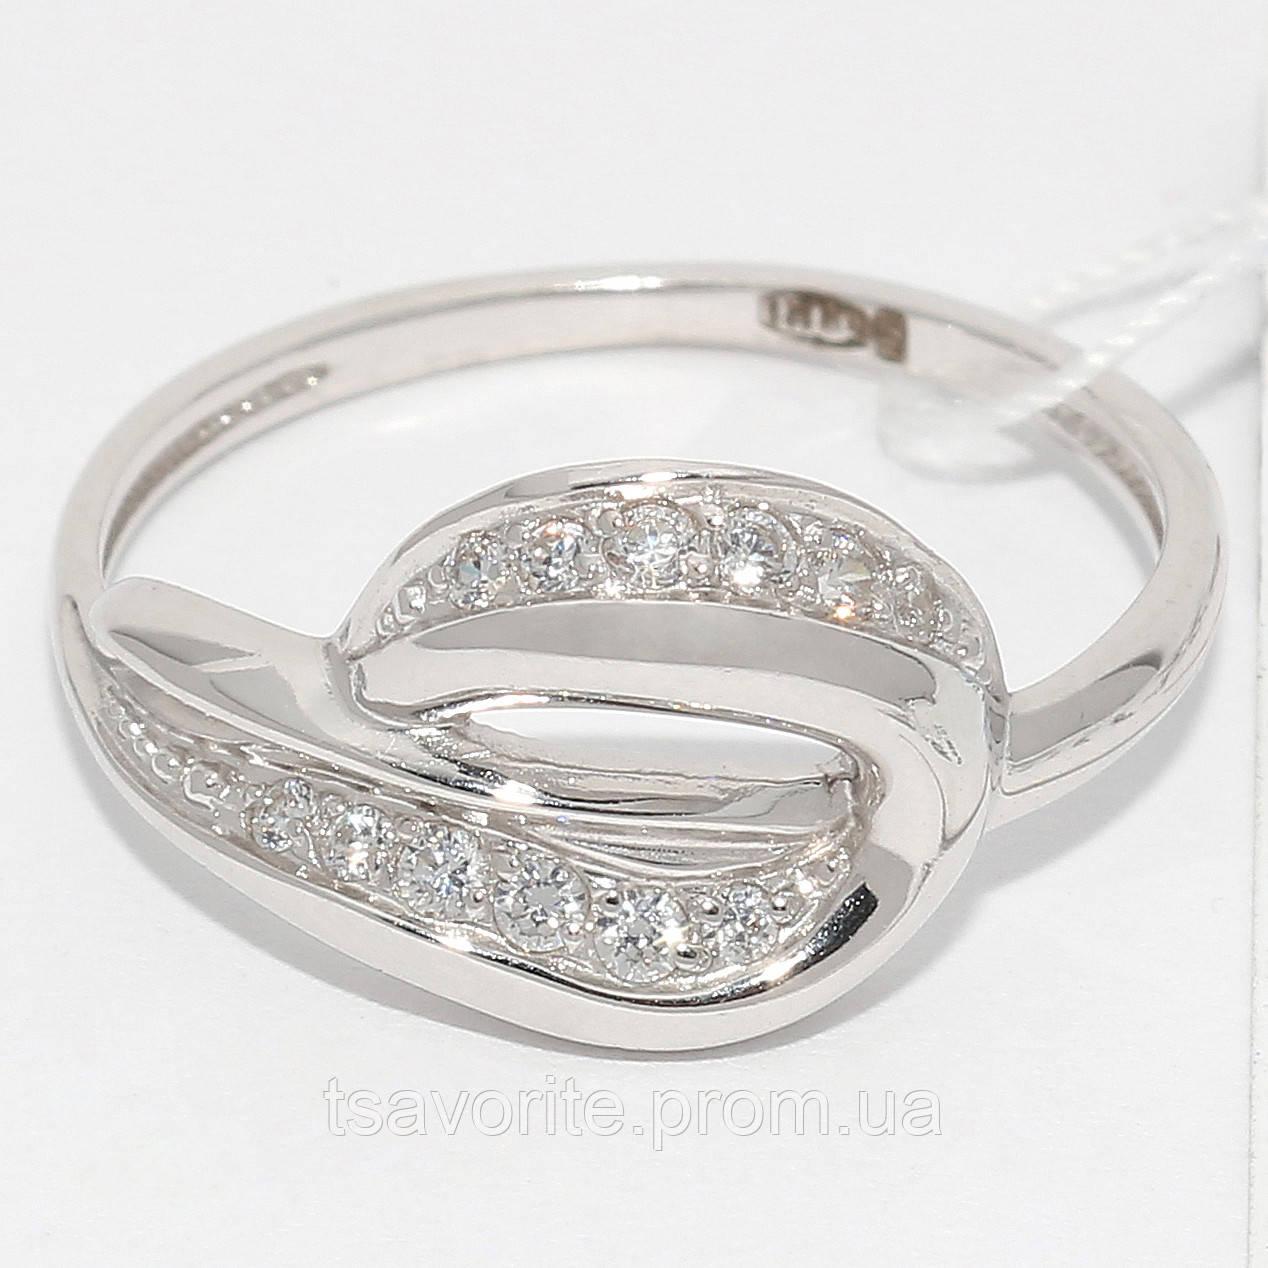 Серебряное кольцо КЖХ-13